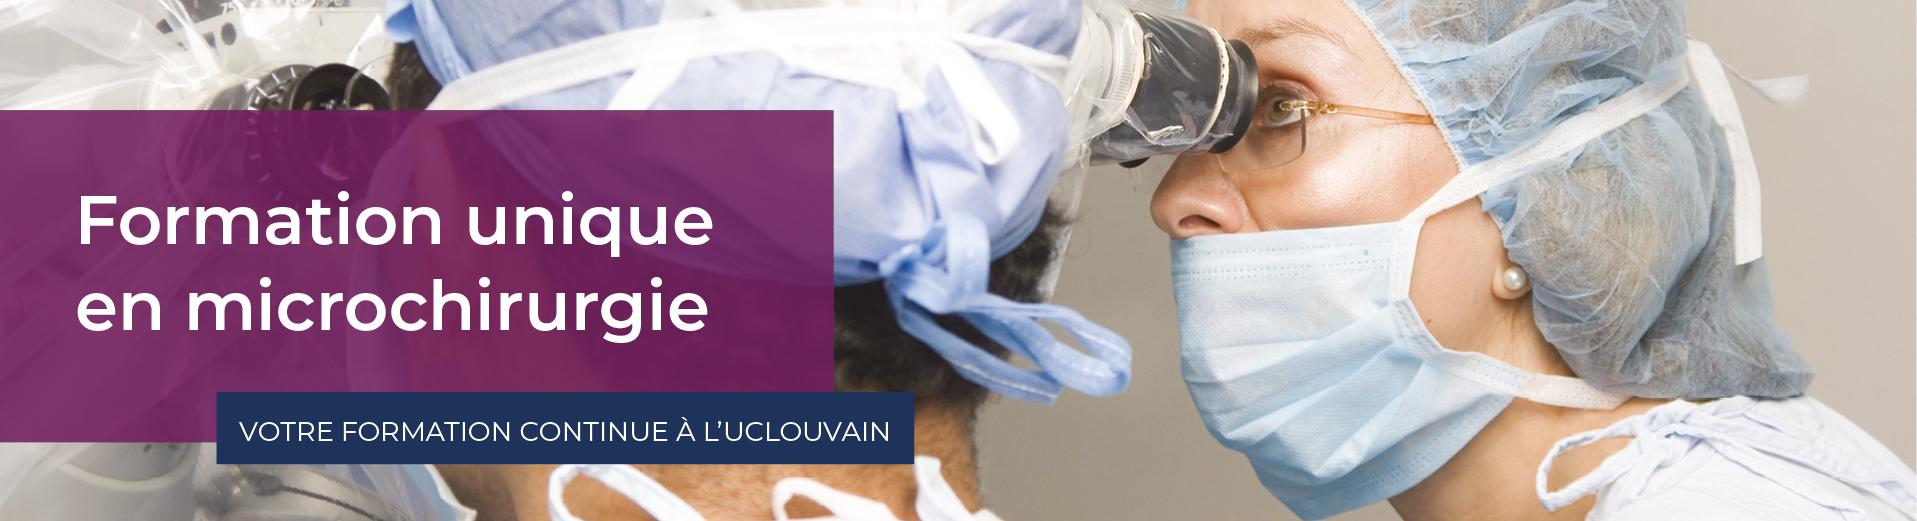 Microchirurgie_Header_Homepage_OKK.jpg